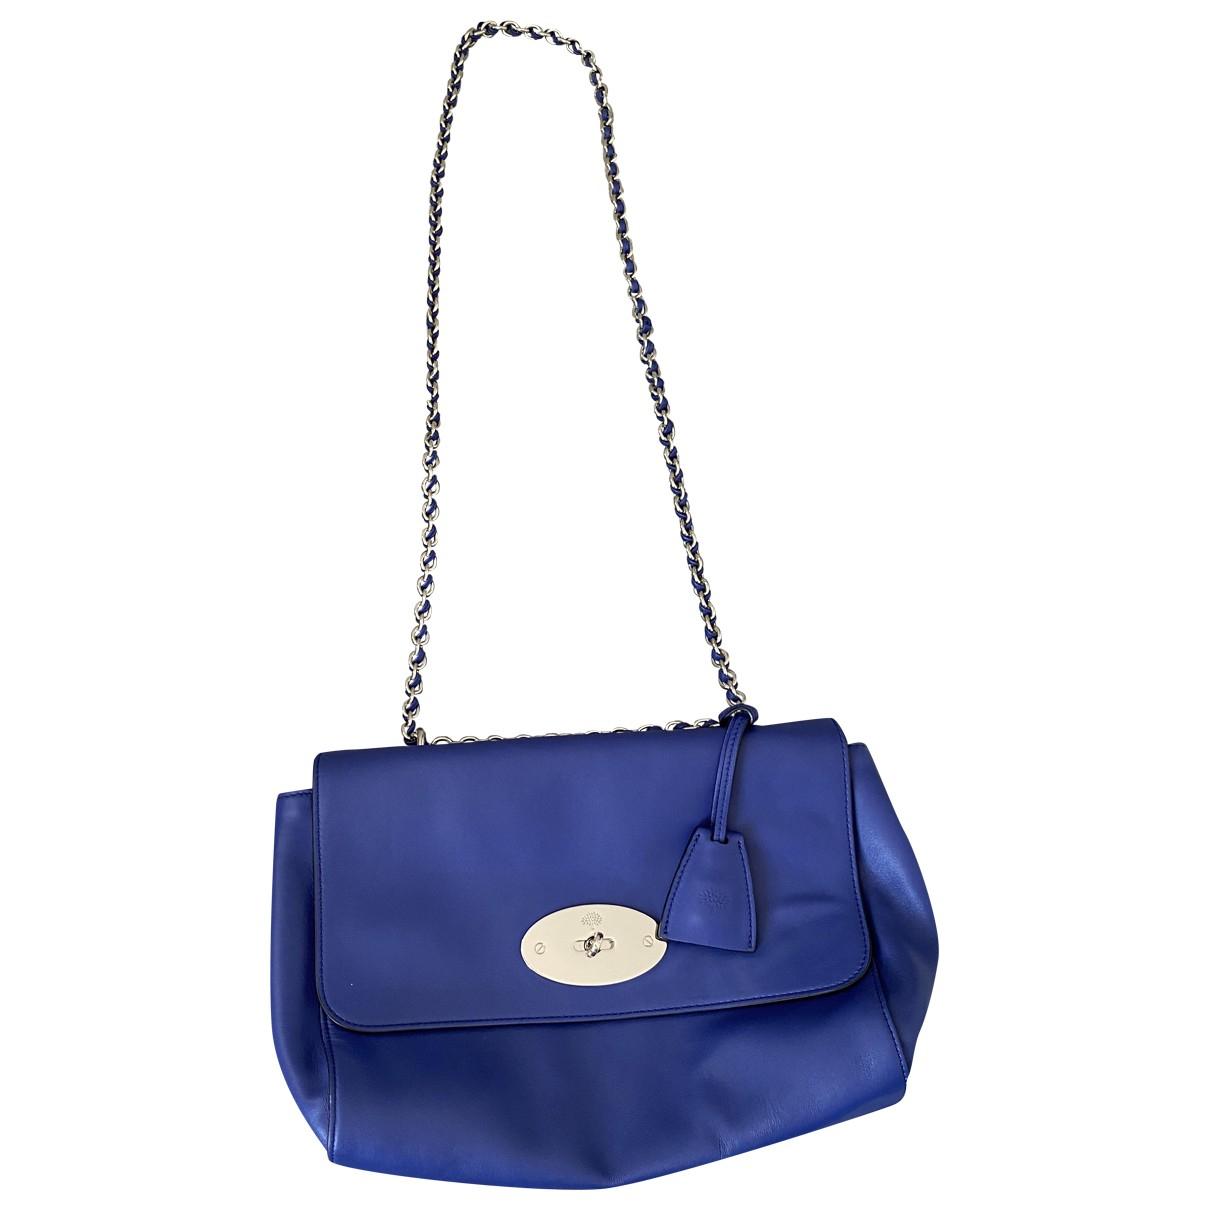 Mulberry Lily Medium Handtasche in  Blau Leder